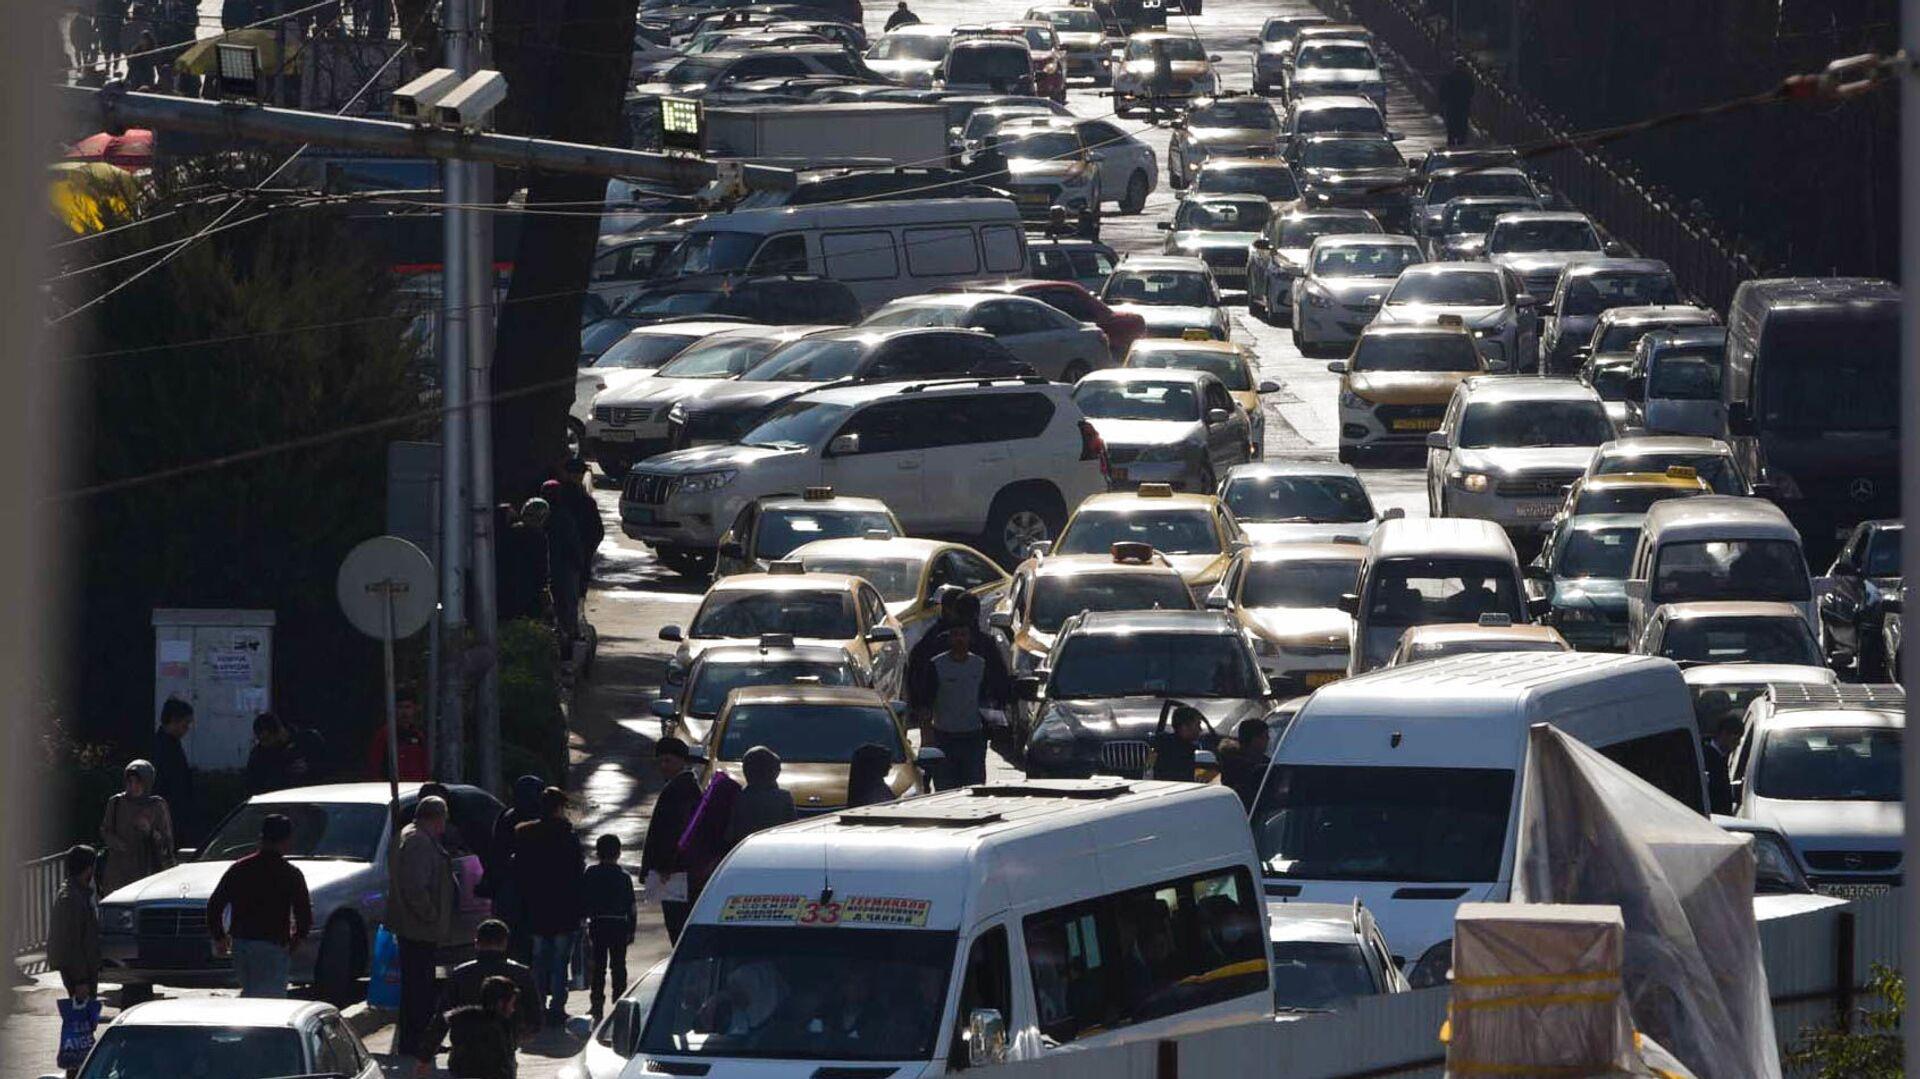 Автомобильная пробка на дороге в Душанбе - Sputnik Таджикистан, 1920, 10.08.2021